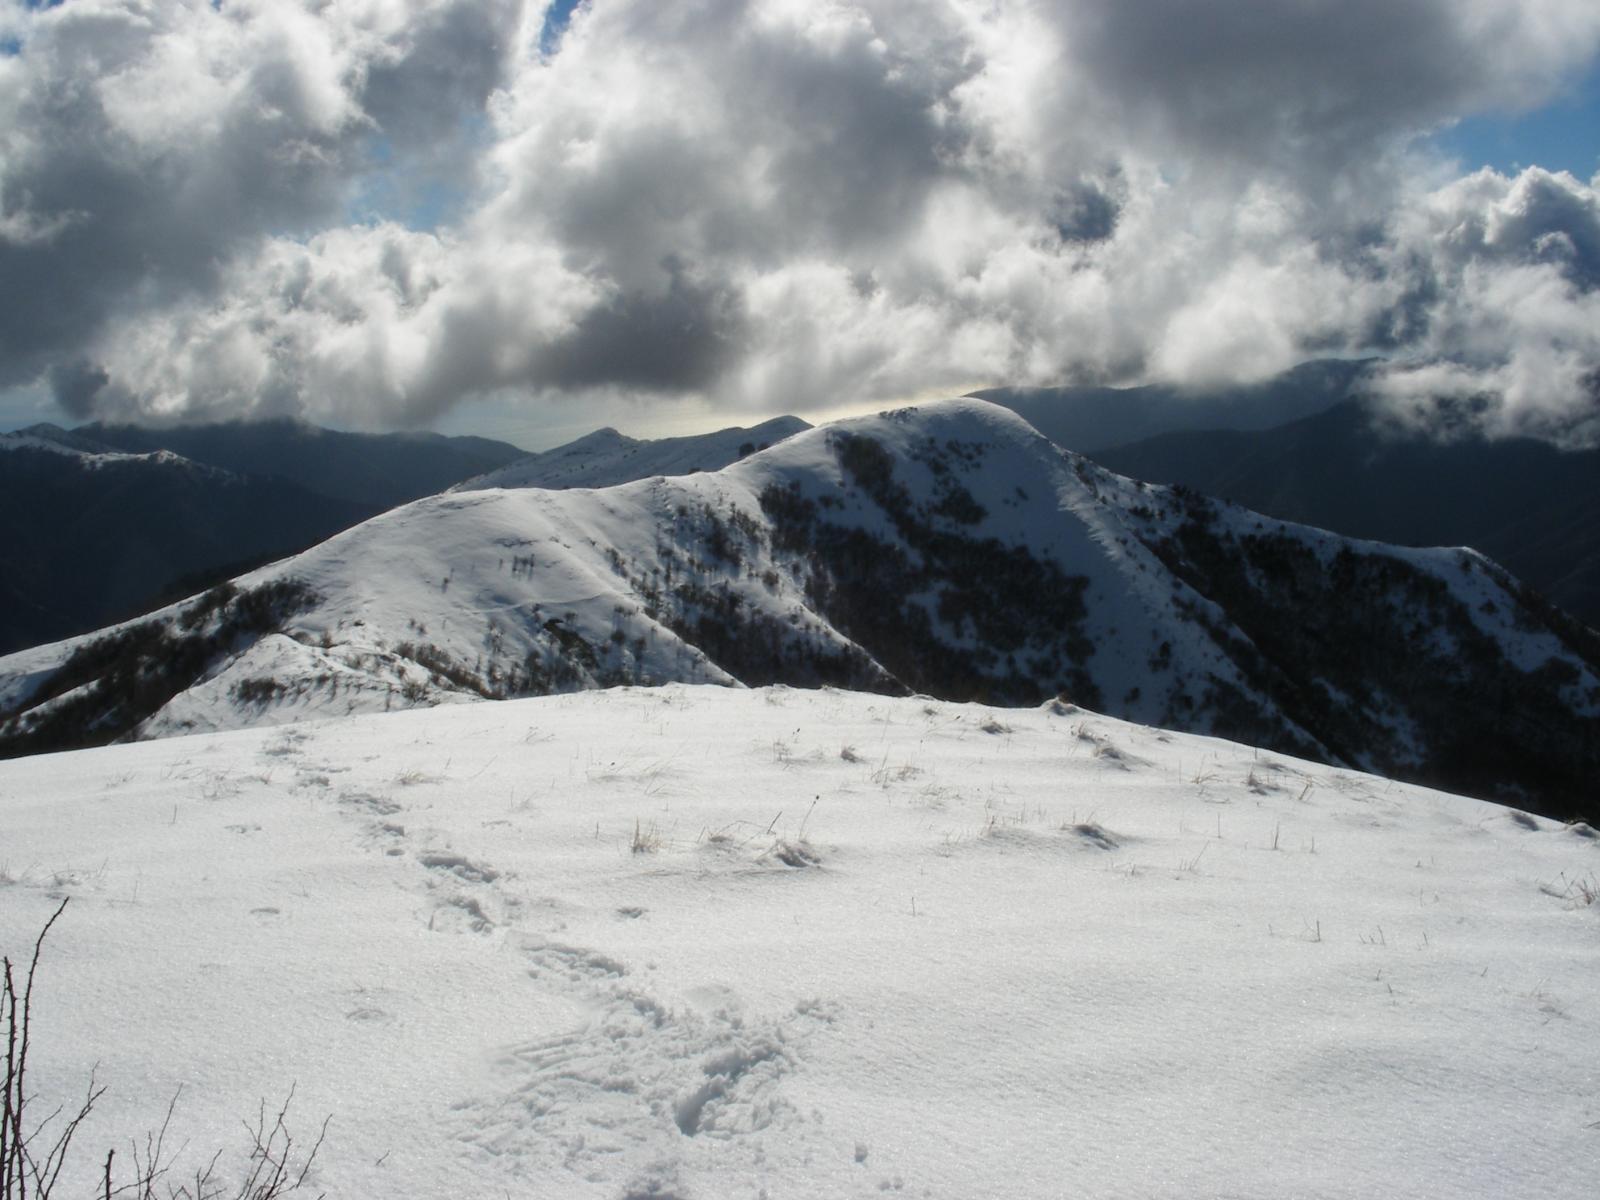 Grande (Monte) per Alpe di Baudo e monte Fenaira 2014-02-11